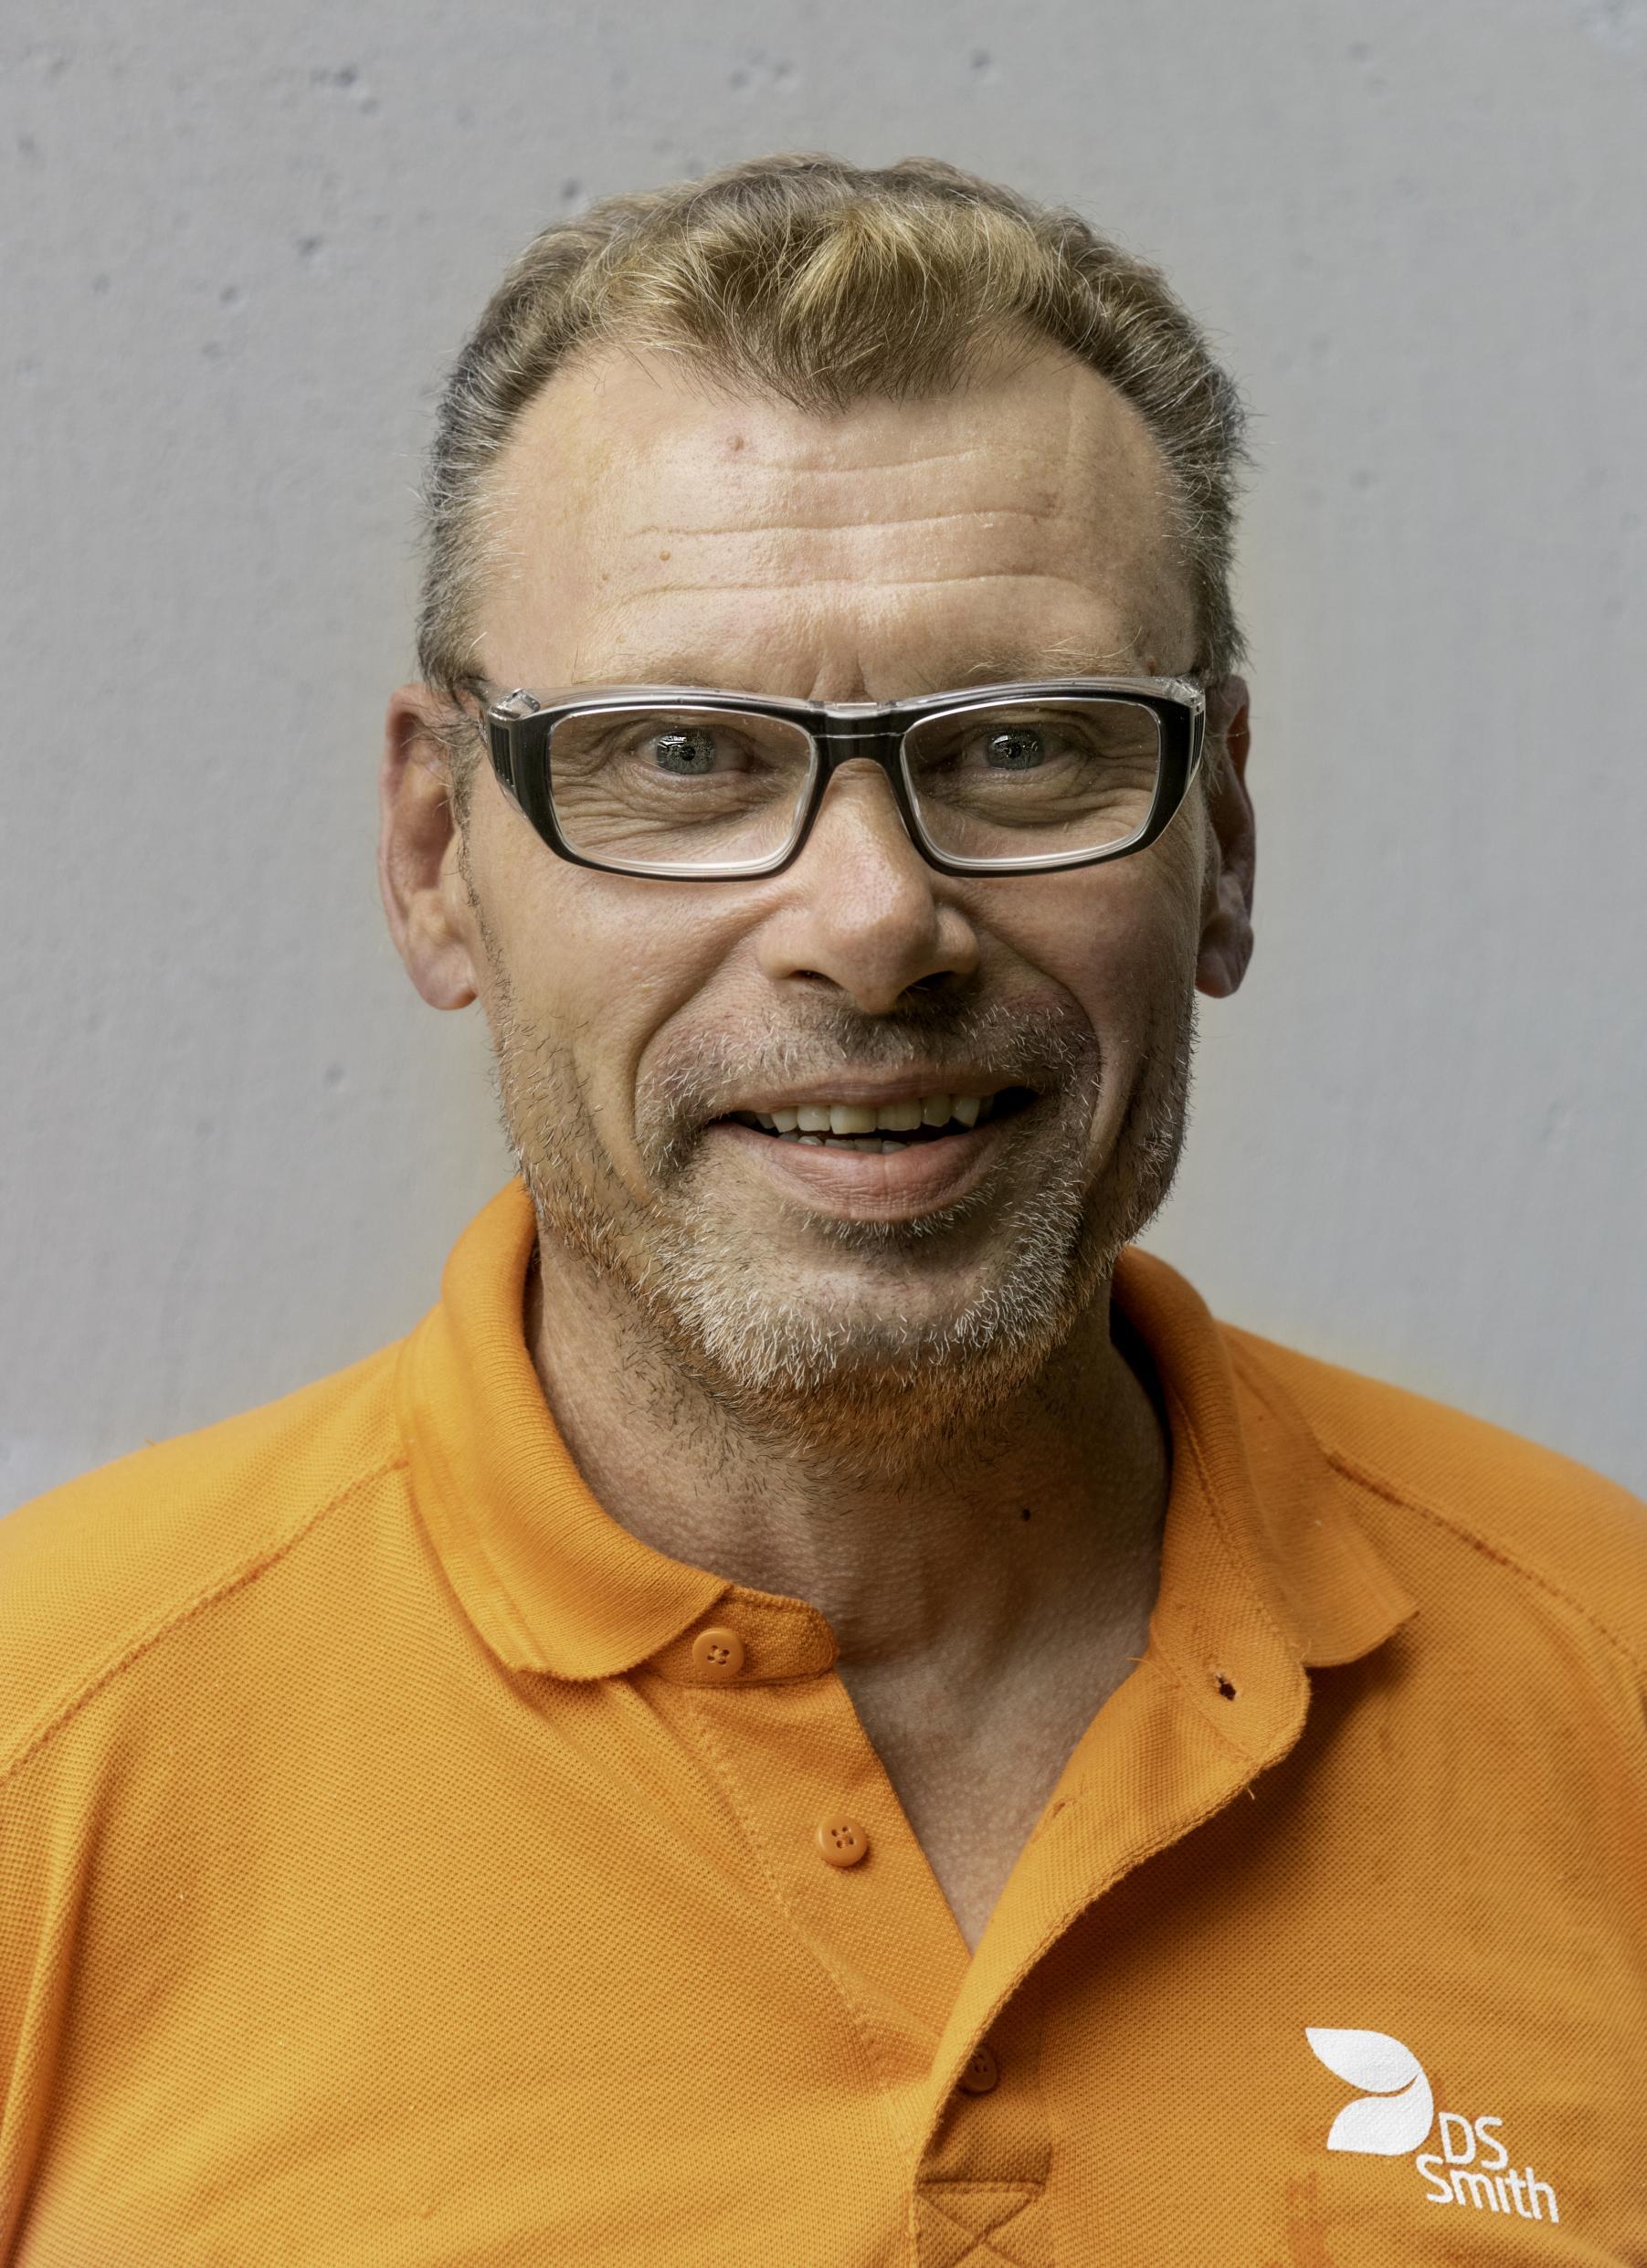 Matti Näppä on asemoija DS Smith Packaging Finlandin tehtaassa Nummelassa.